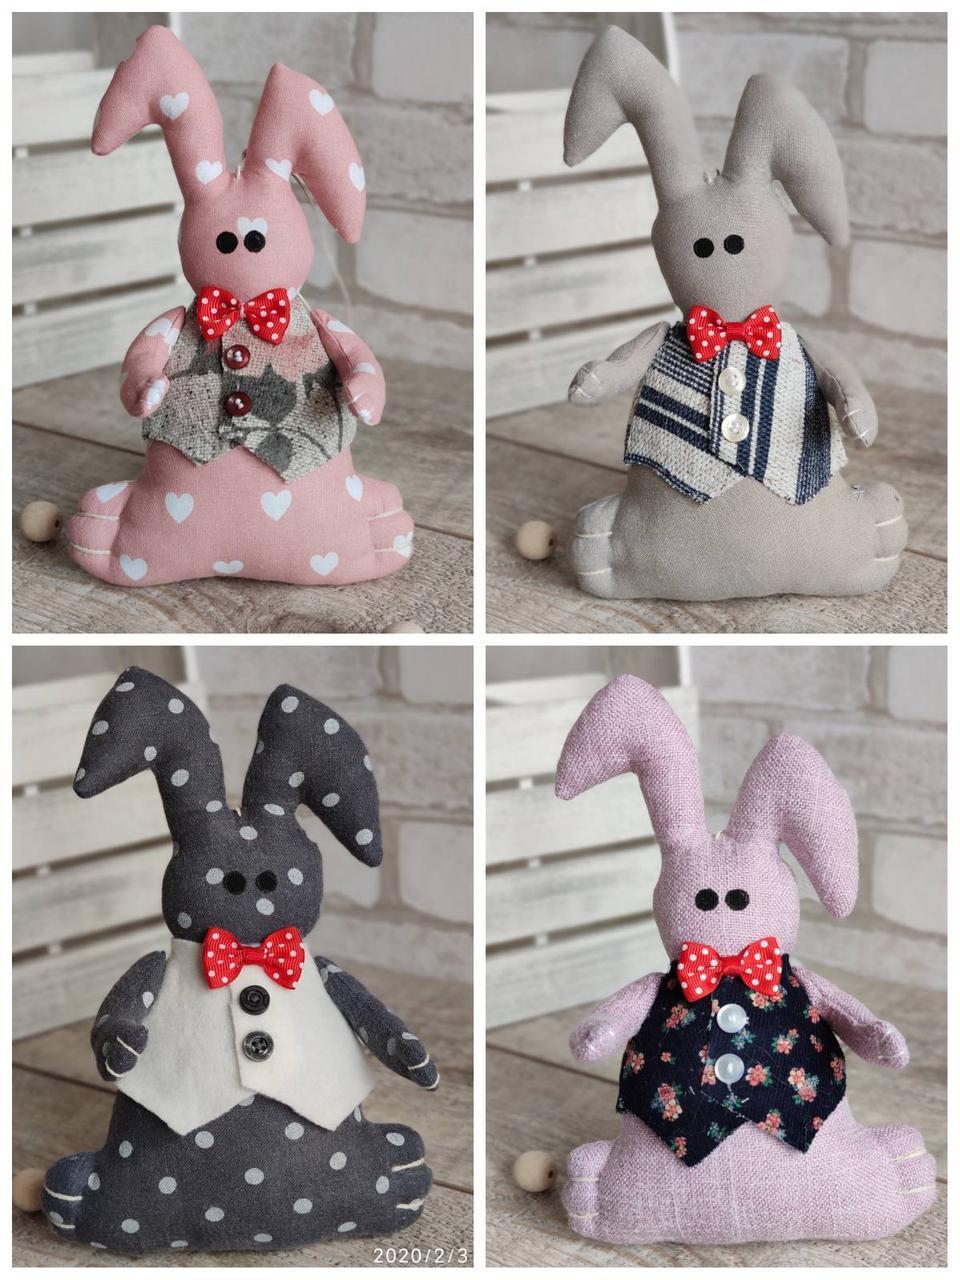 Зайчик-кролик ручної роботи з підвіскою, льон, бязь, сатин, іграшка, 23 см., 150/130 (цена за 1 шт. + 20 гр.)